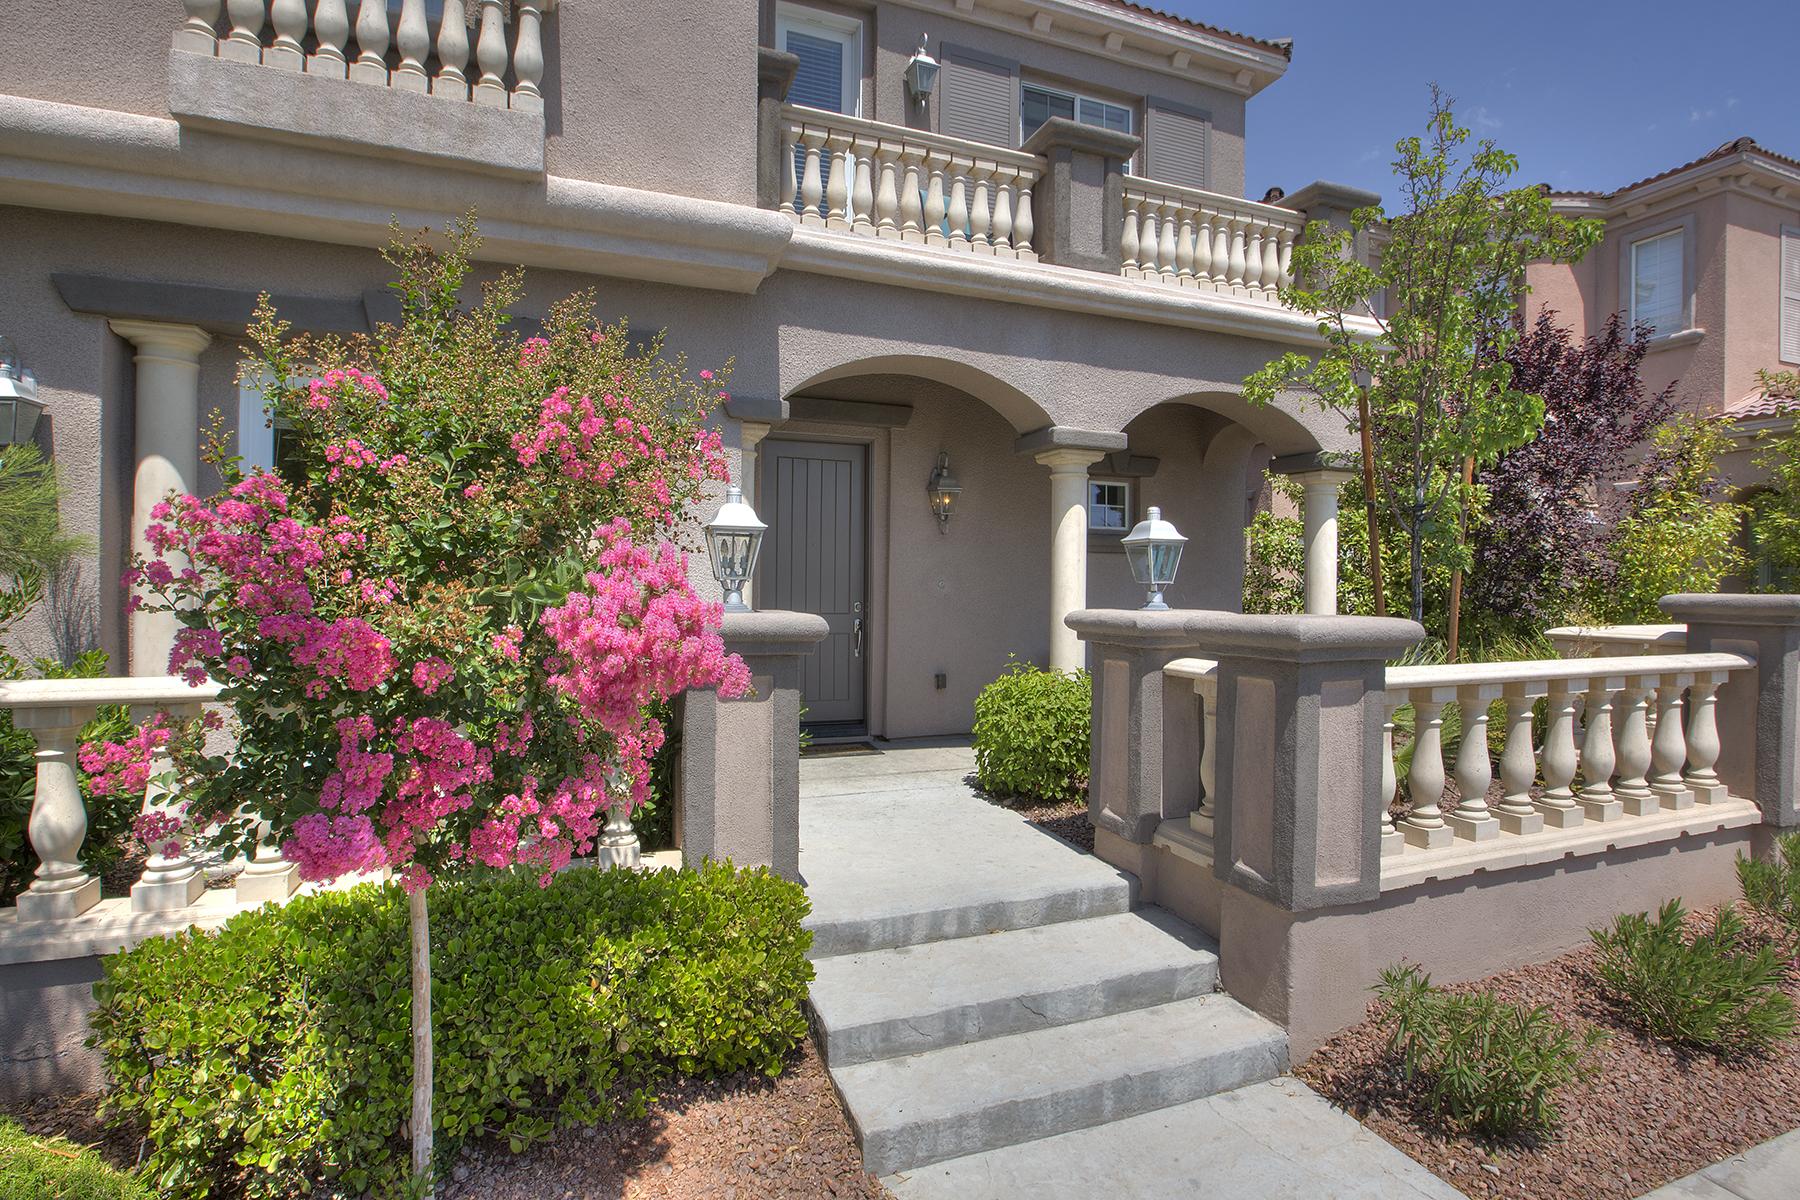 Maison unifamiliale pour l Vente à 11362 Merado Peak Dr Las Vegas, Nevada, 89135 États-Unis